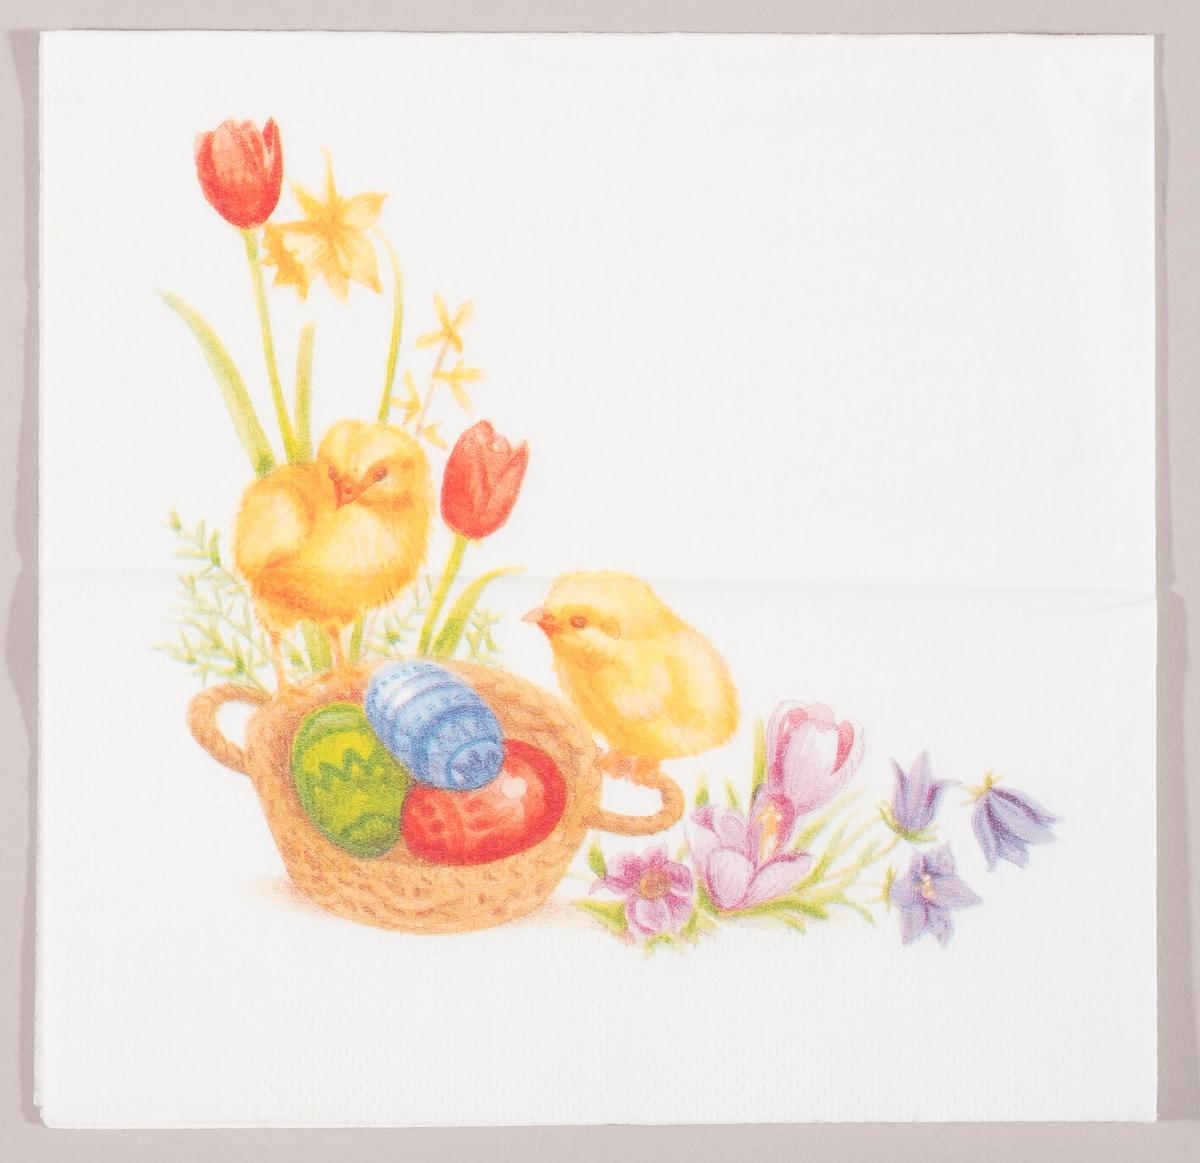 To kyllinger sitter på en flettet kurv med dekorerte påskeegg. Rundt om kurven er det tulipaner, påskeliljer, krokus og blåklokker.